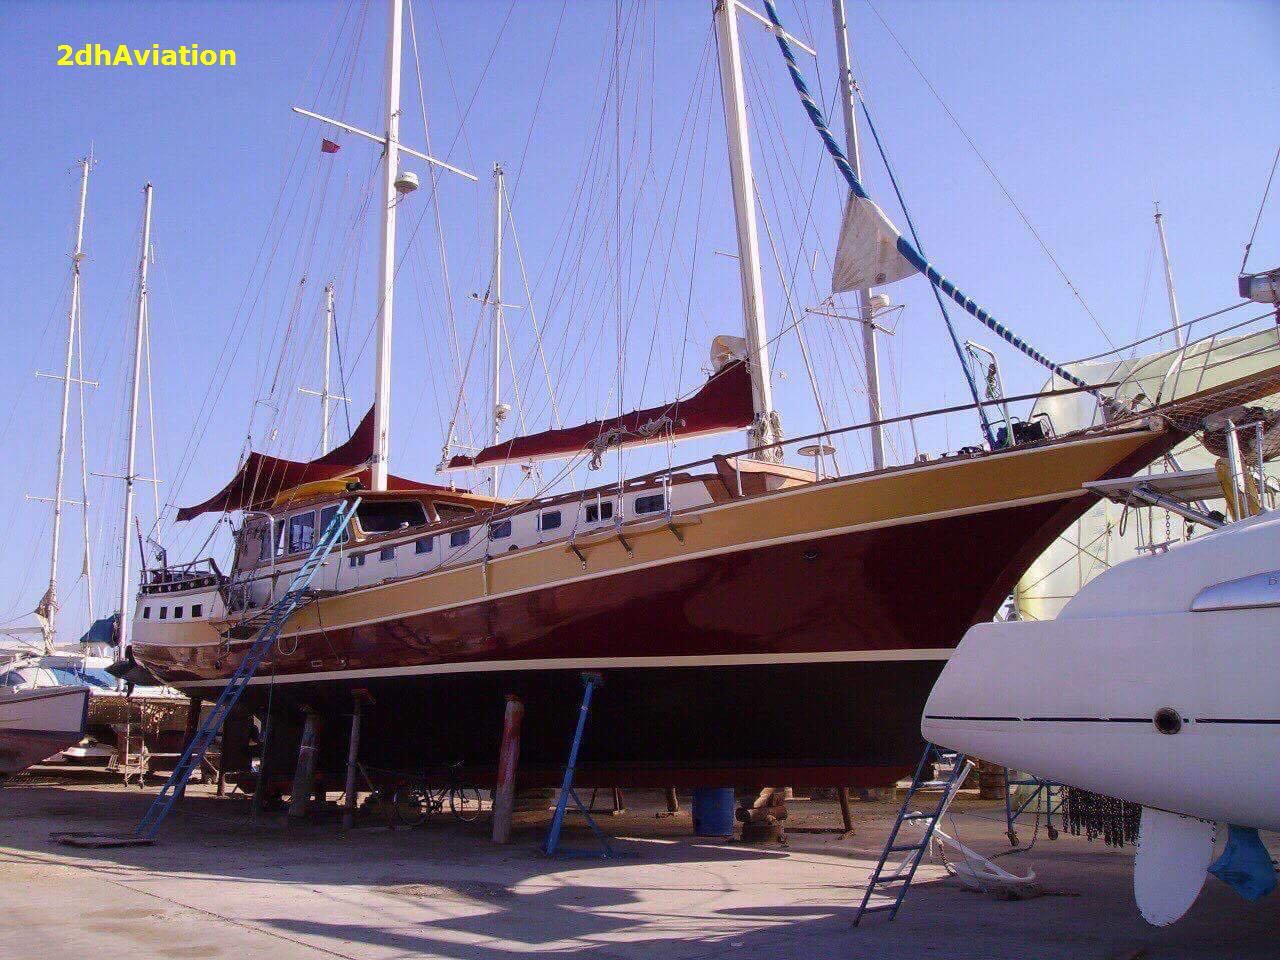 Bán du thuyền Biriwa trọng tải 47 tấn